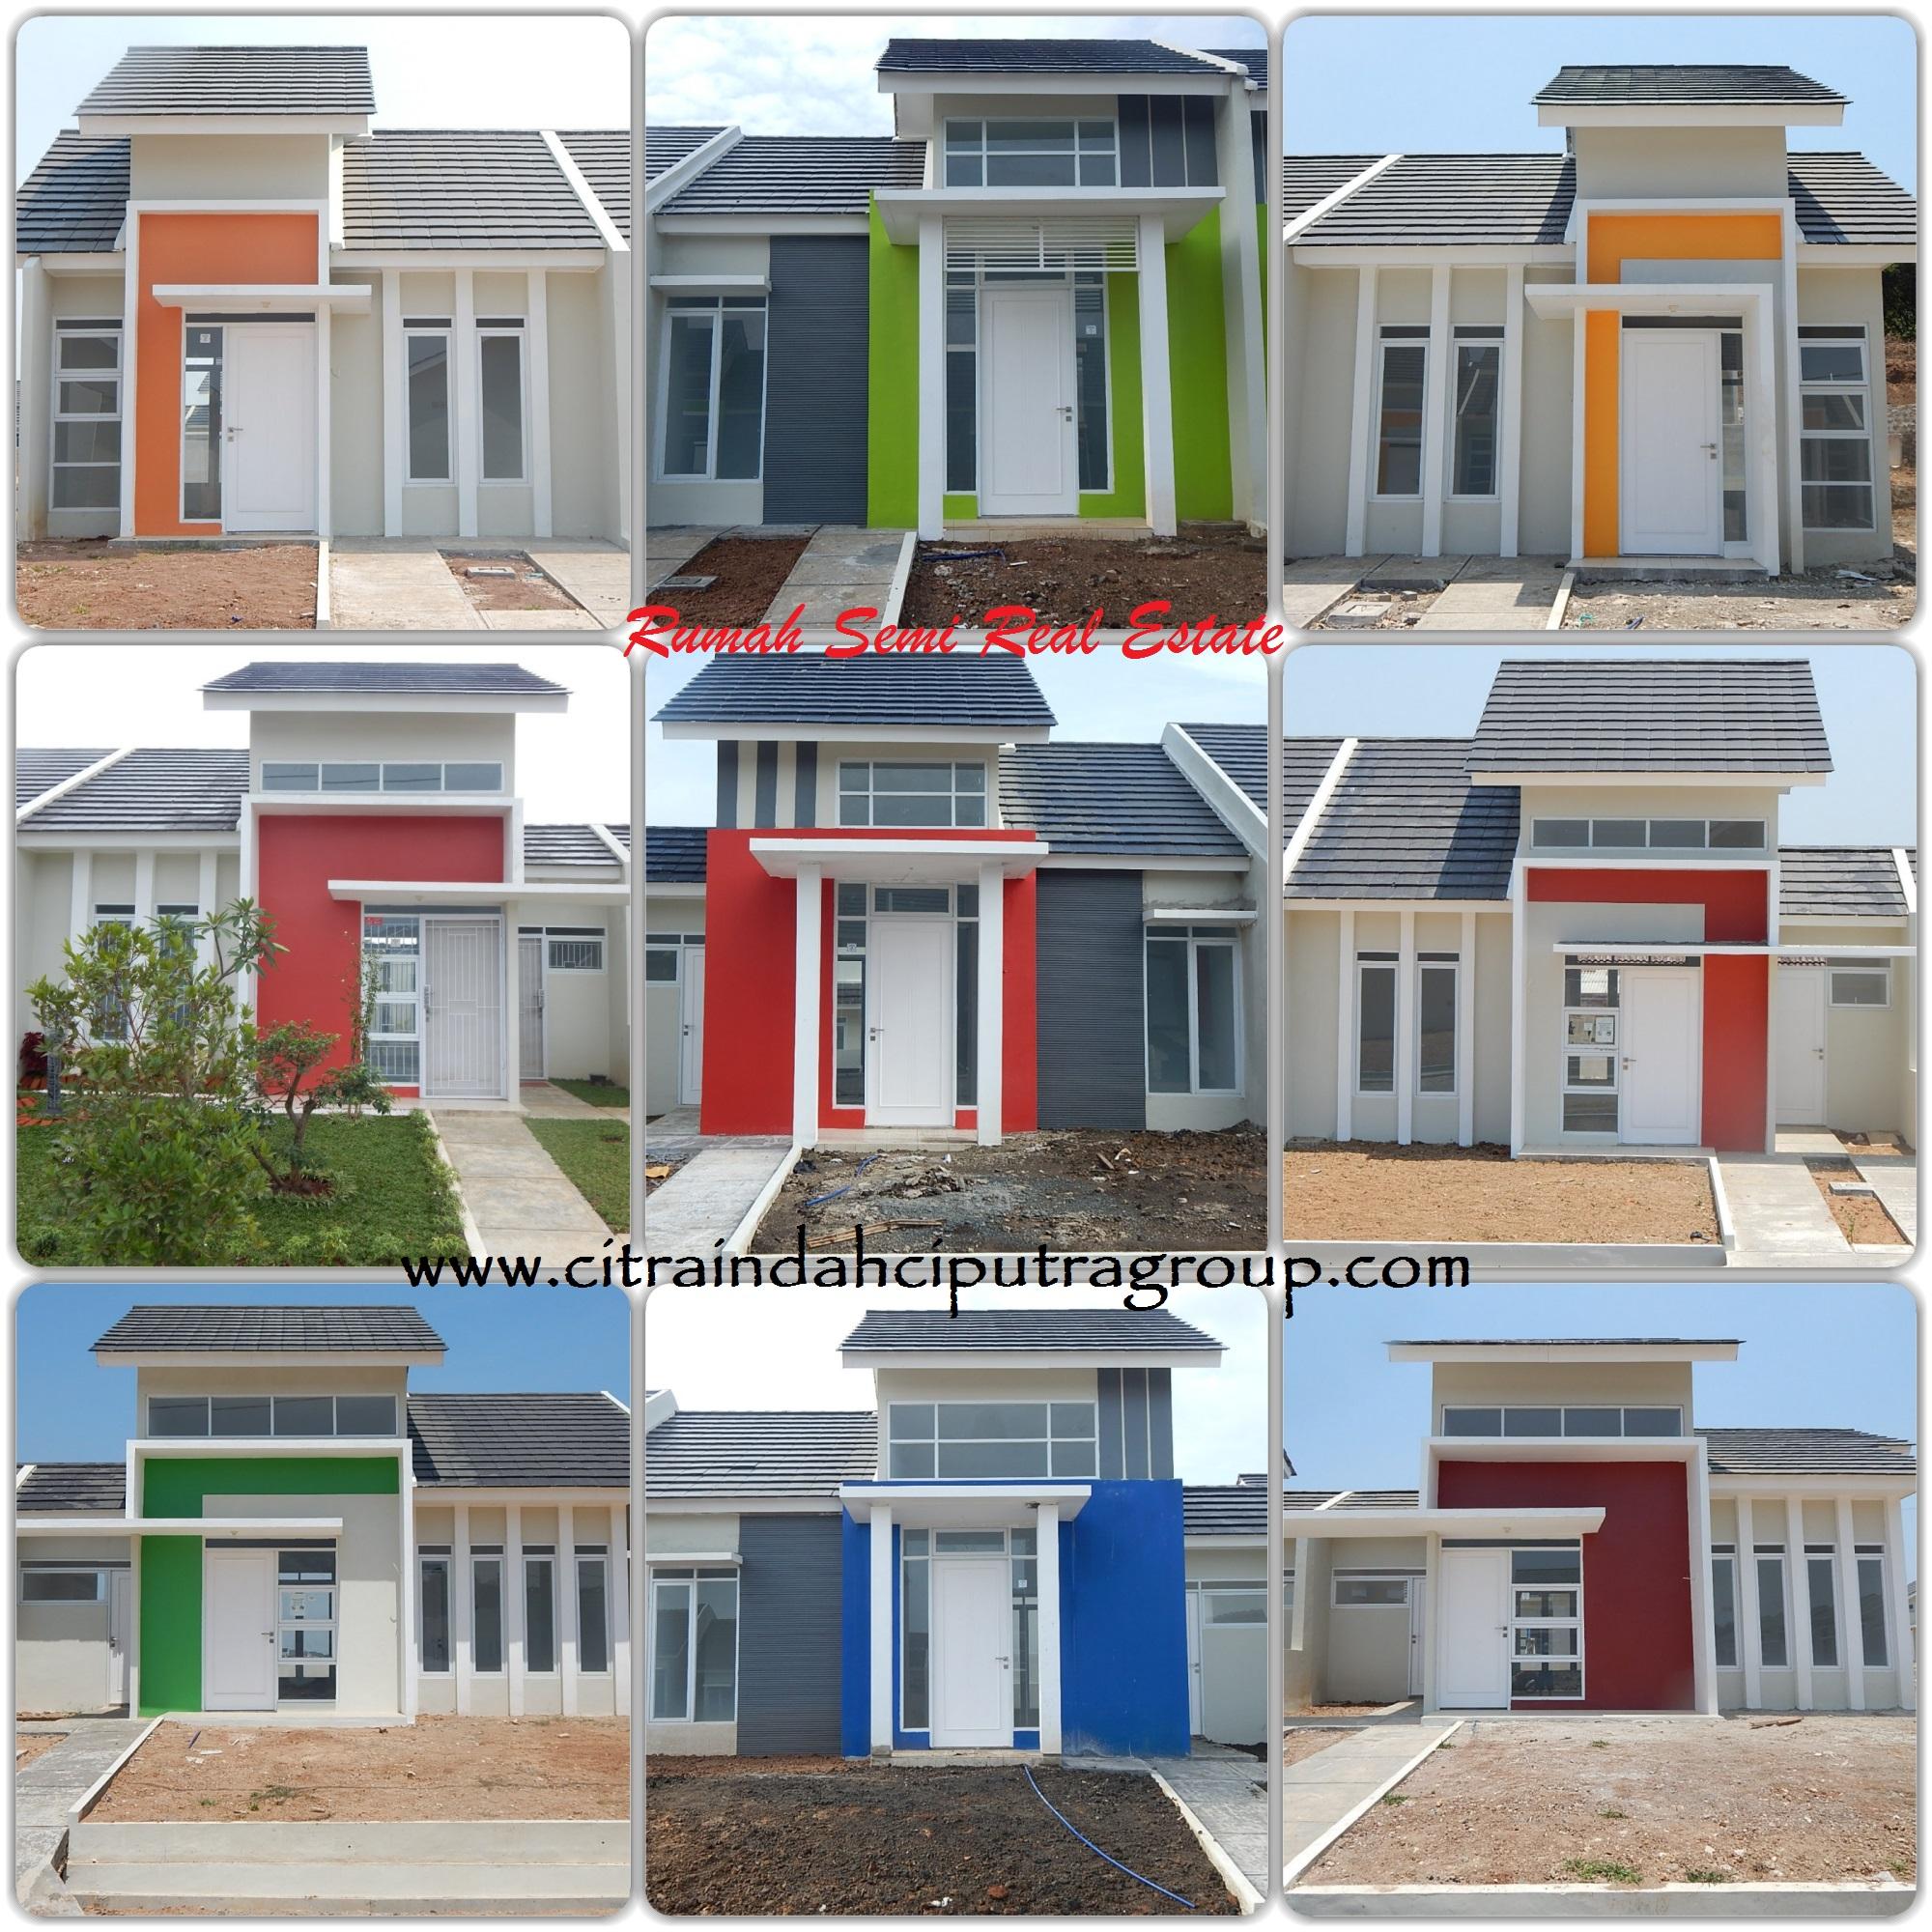 rumah mewah harga murah dp rendah